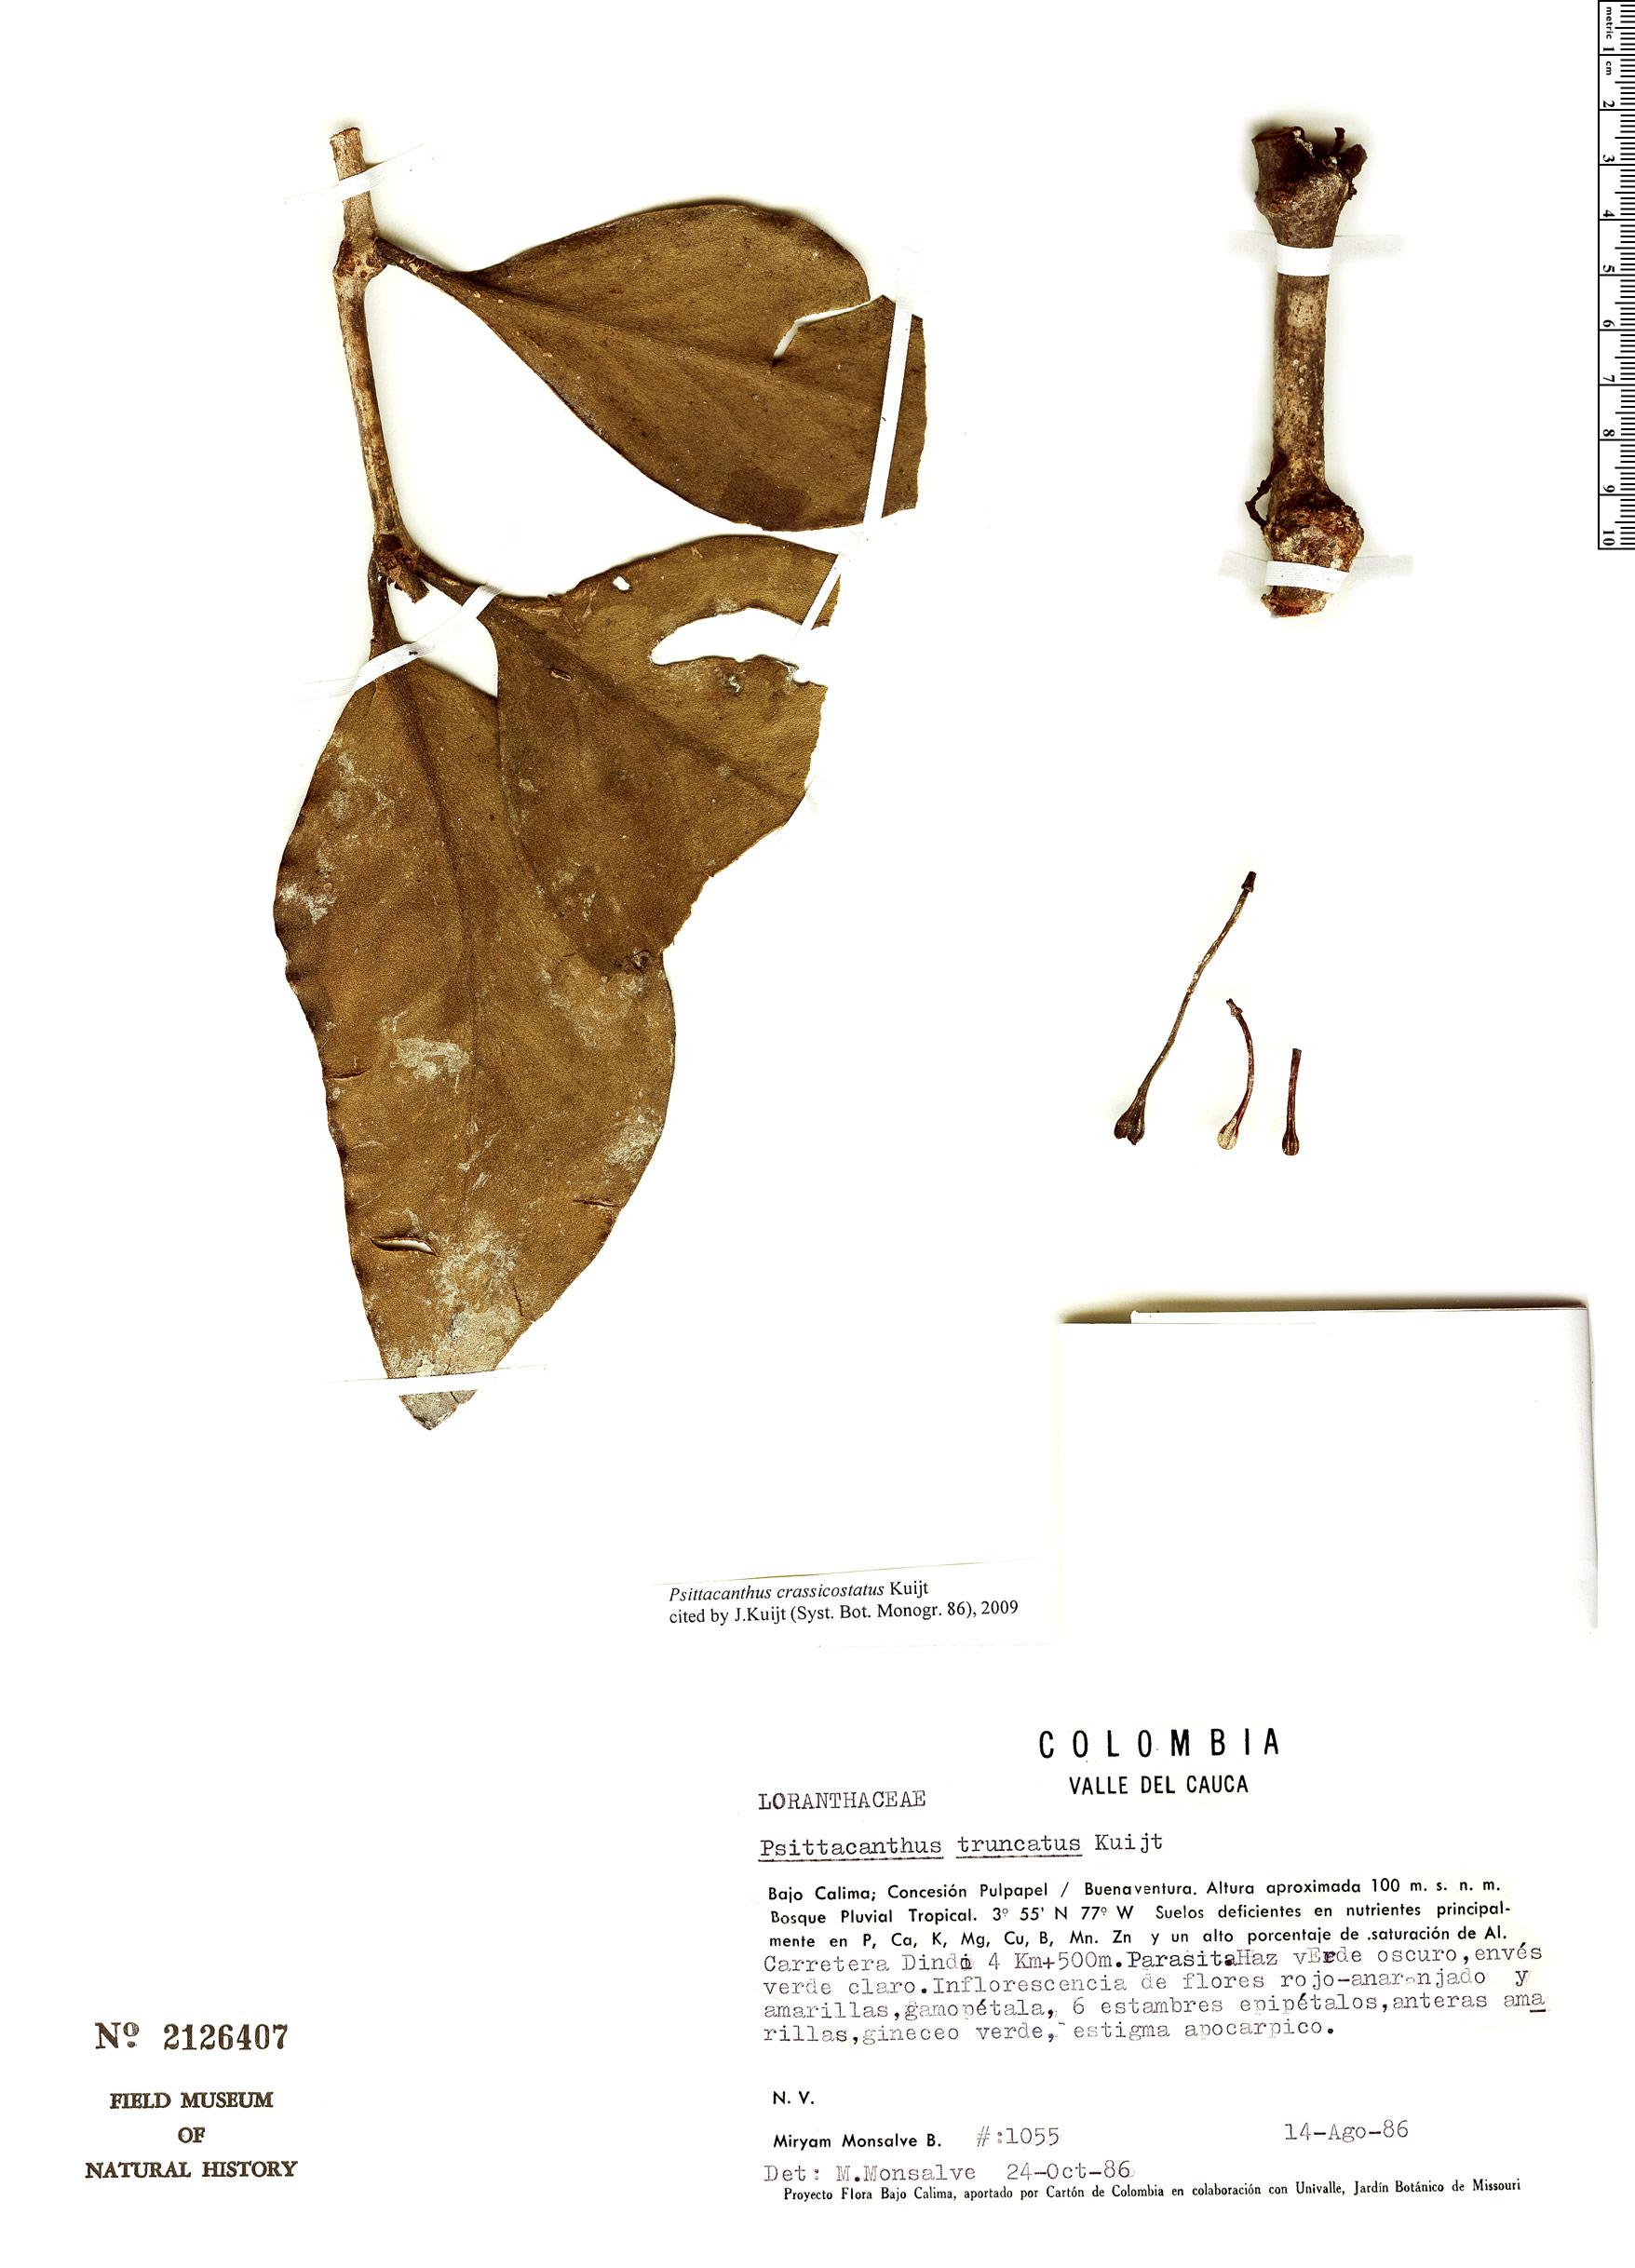 Specimen: Psittacanthus crassicostatus